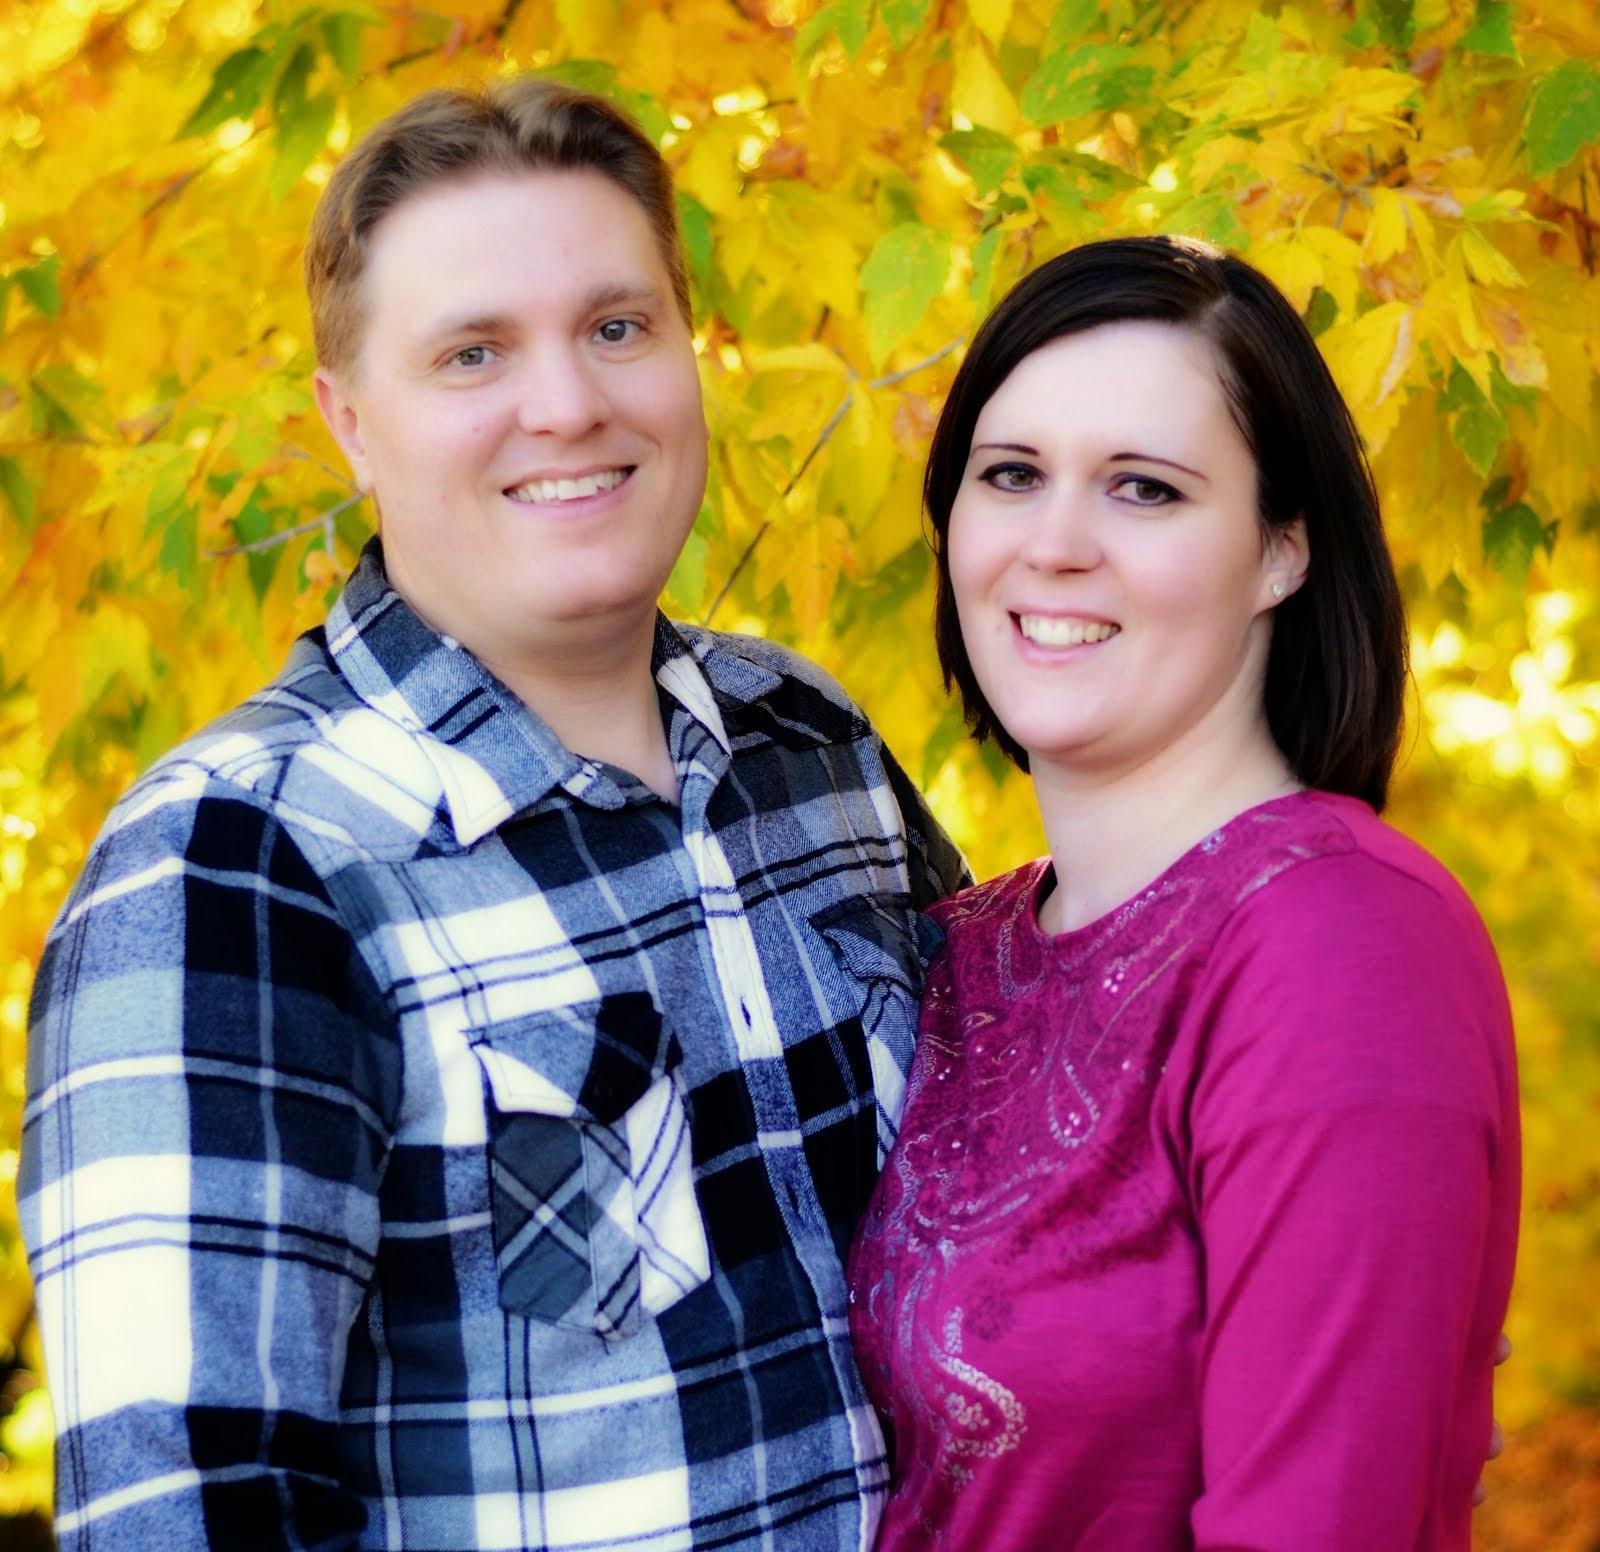 Bryan & Angie